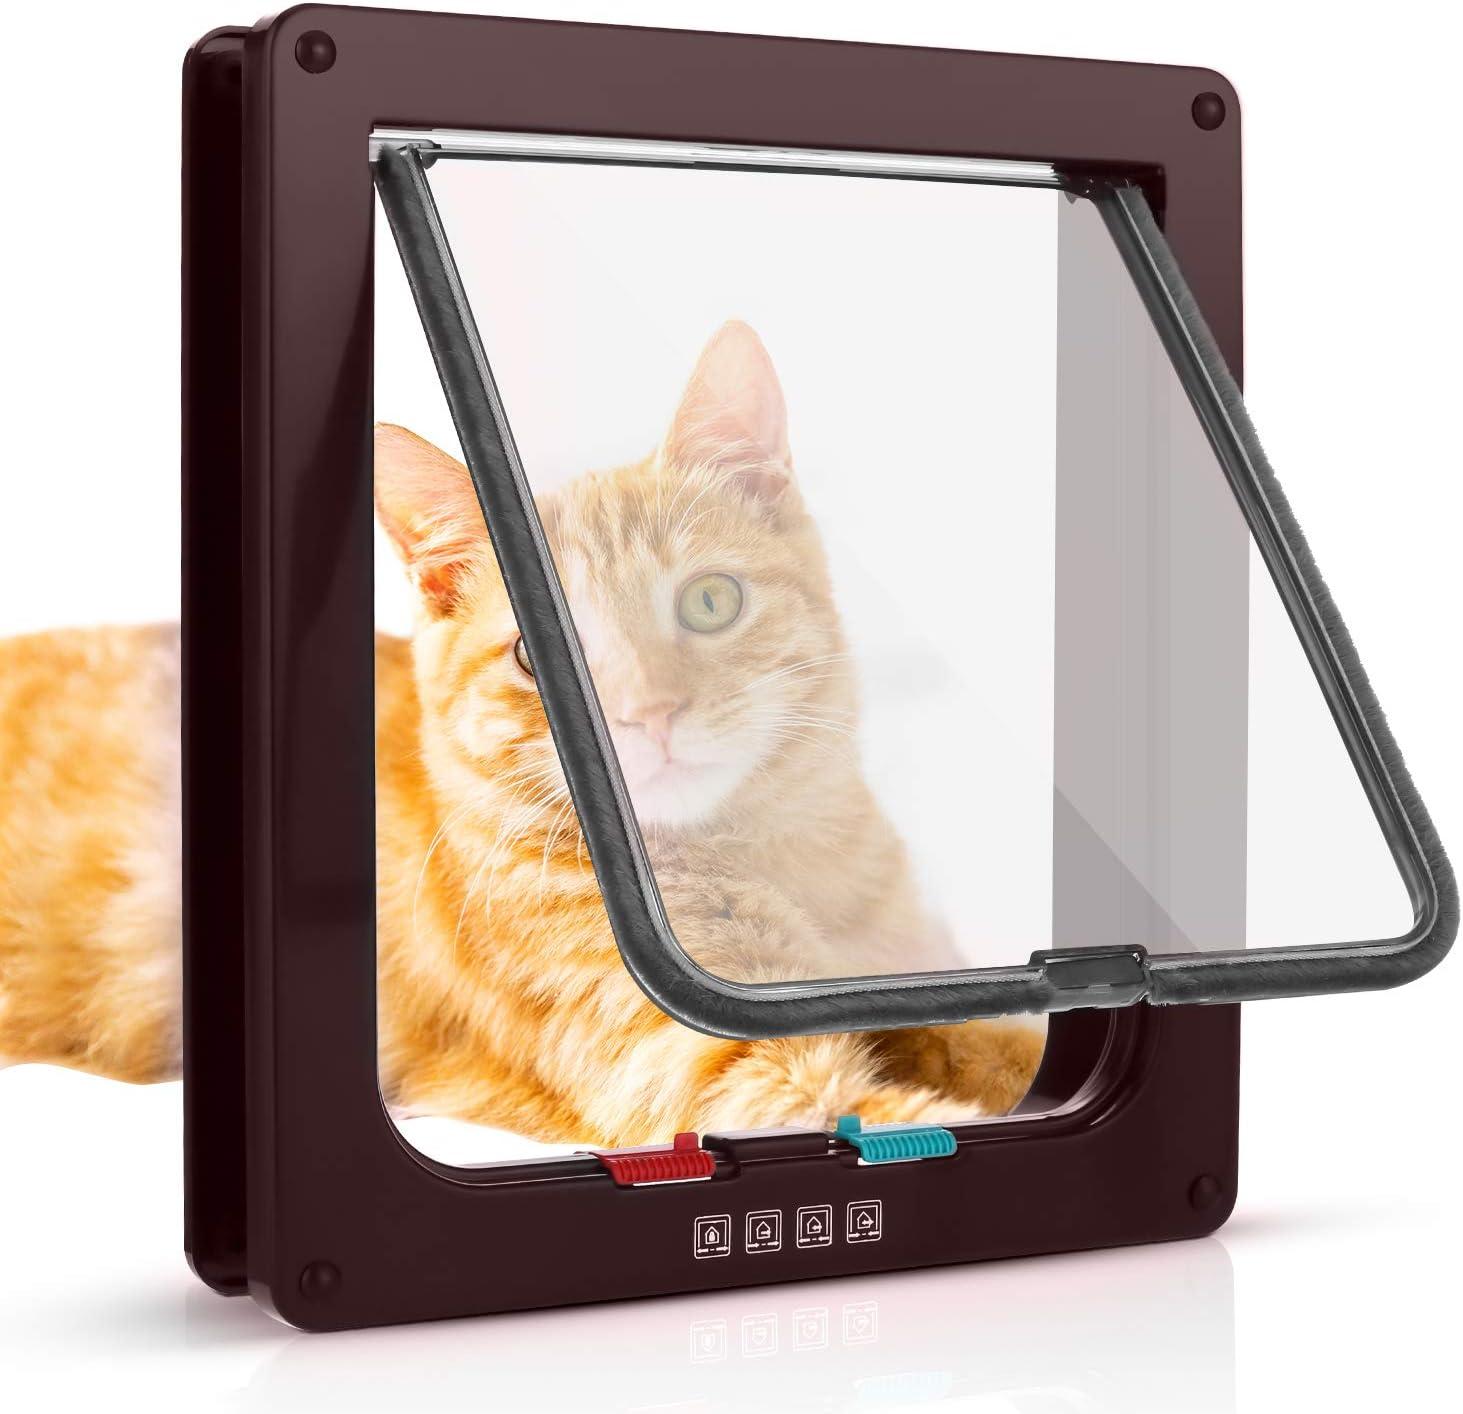 Sailnovo Puerta para Gato con Cierre magnético de 4 vías, Puerta para Mascotas para Gatos y Perros pequeños, Puerta para Gatos con túnel M, Marrón 16 x 15.7 x 5.5 cm